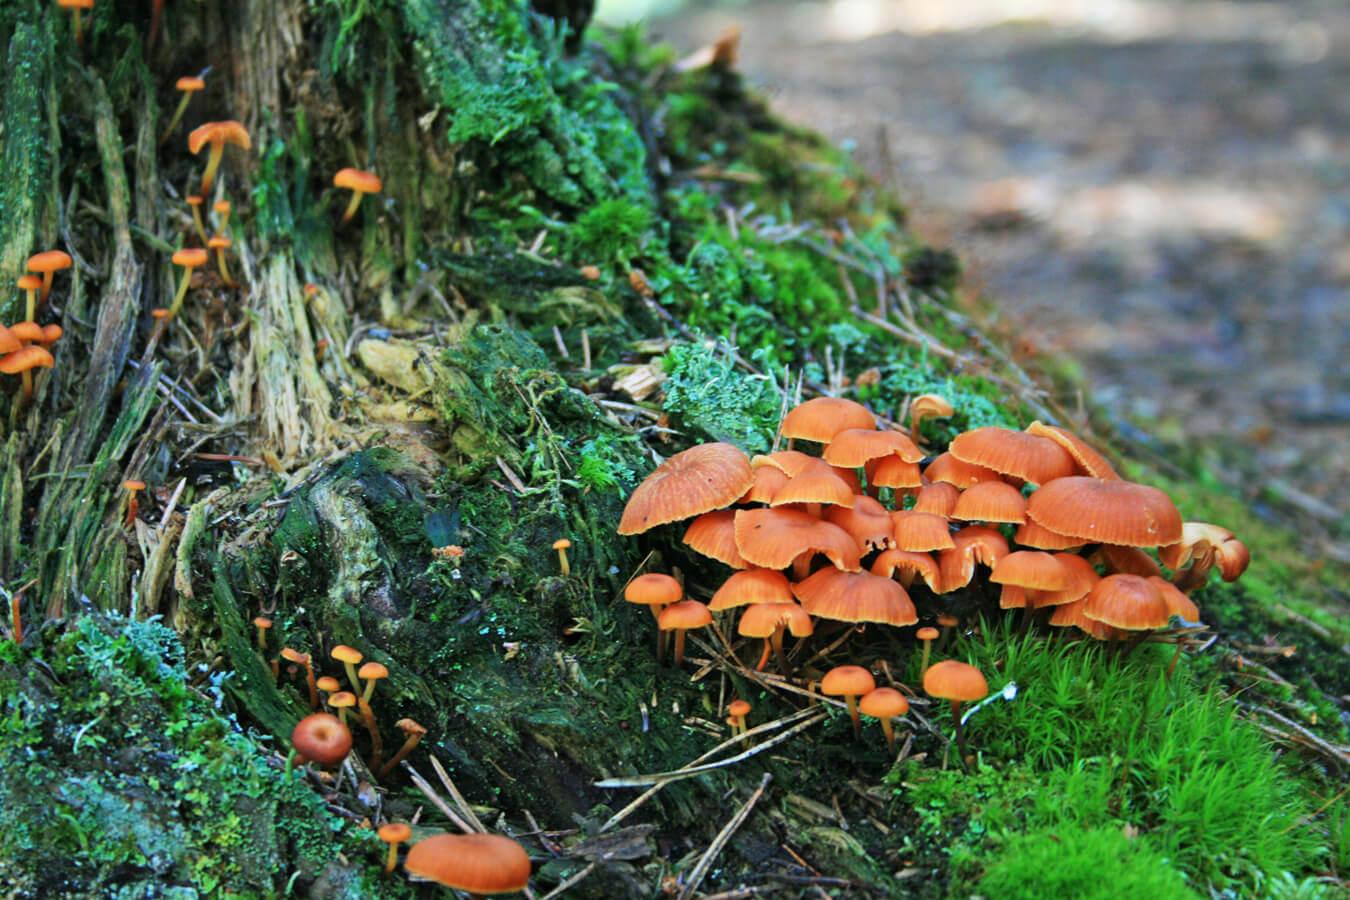 La forêt a son cycle où, à chaque étape, d'autres organisme prennent placent et joue leur rôle